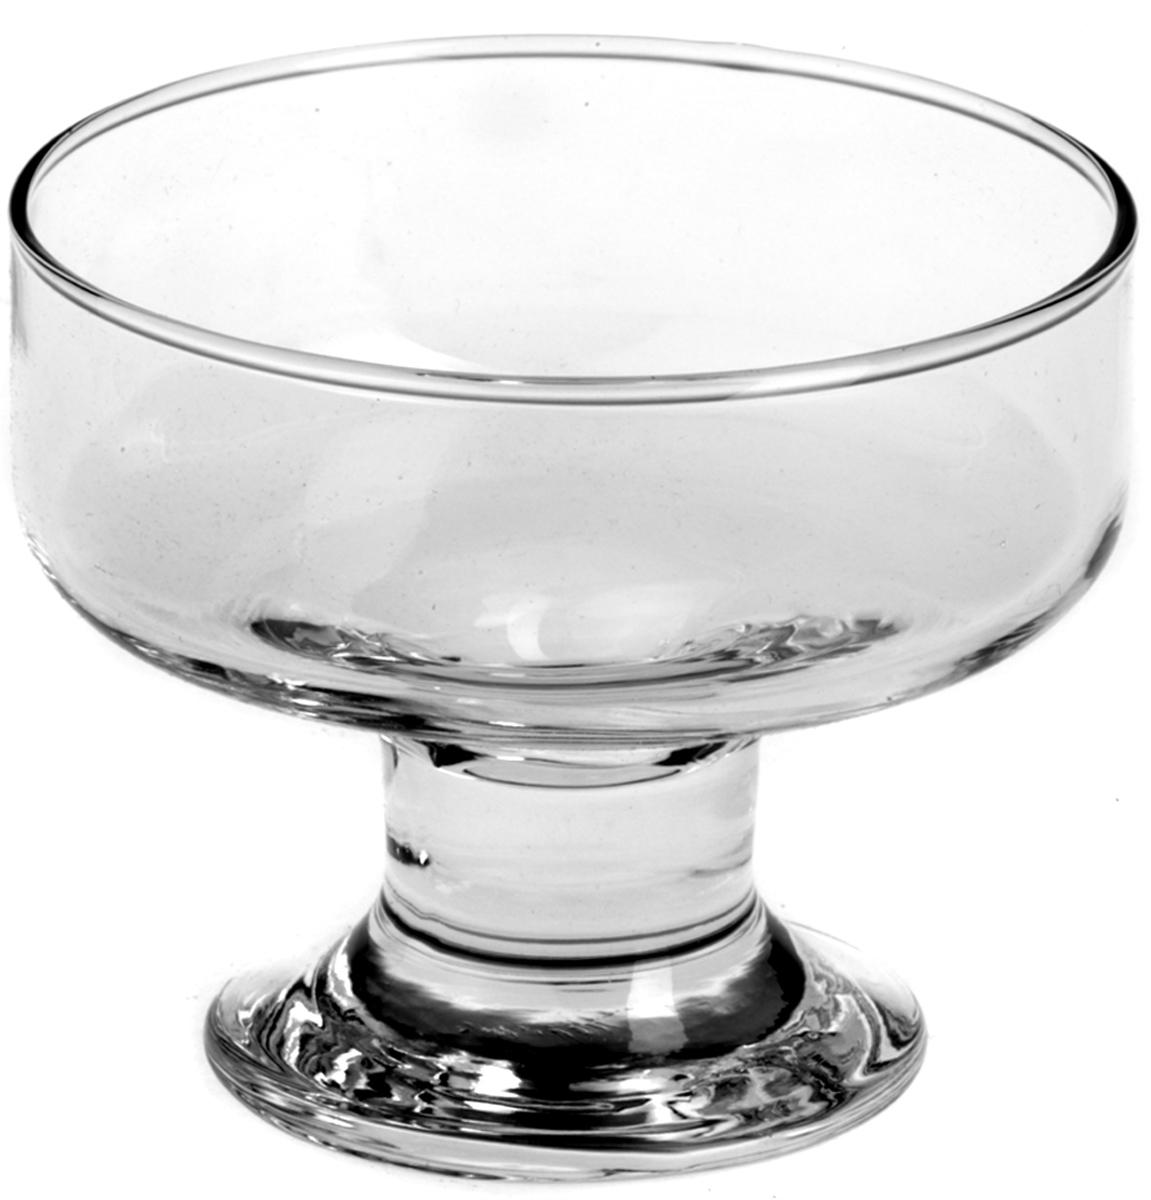 Креманка Pasabahce Ice Ville, цвет: прозрачный, 310 мл41116SLBКреманка Pasabahce Ice Ville изготовлена из непористого стекла. Благодаря высокому уровню применяемых технологий изделие может использоваться на протяжении многих лет, не утрачивая эстетической привлекательности и оставаясь функциональными и современными. Высота: 90 мм. Объем: 310 мл.